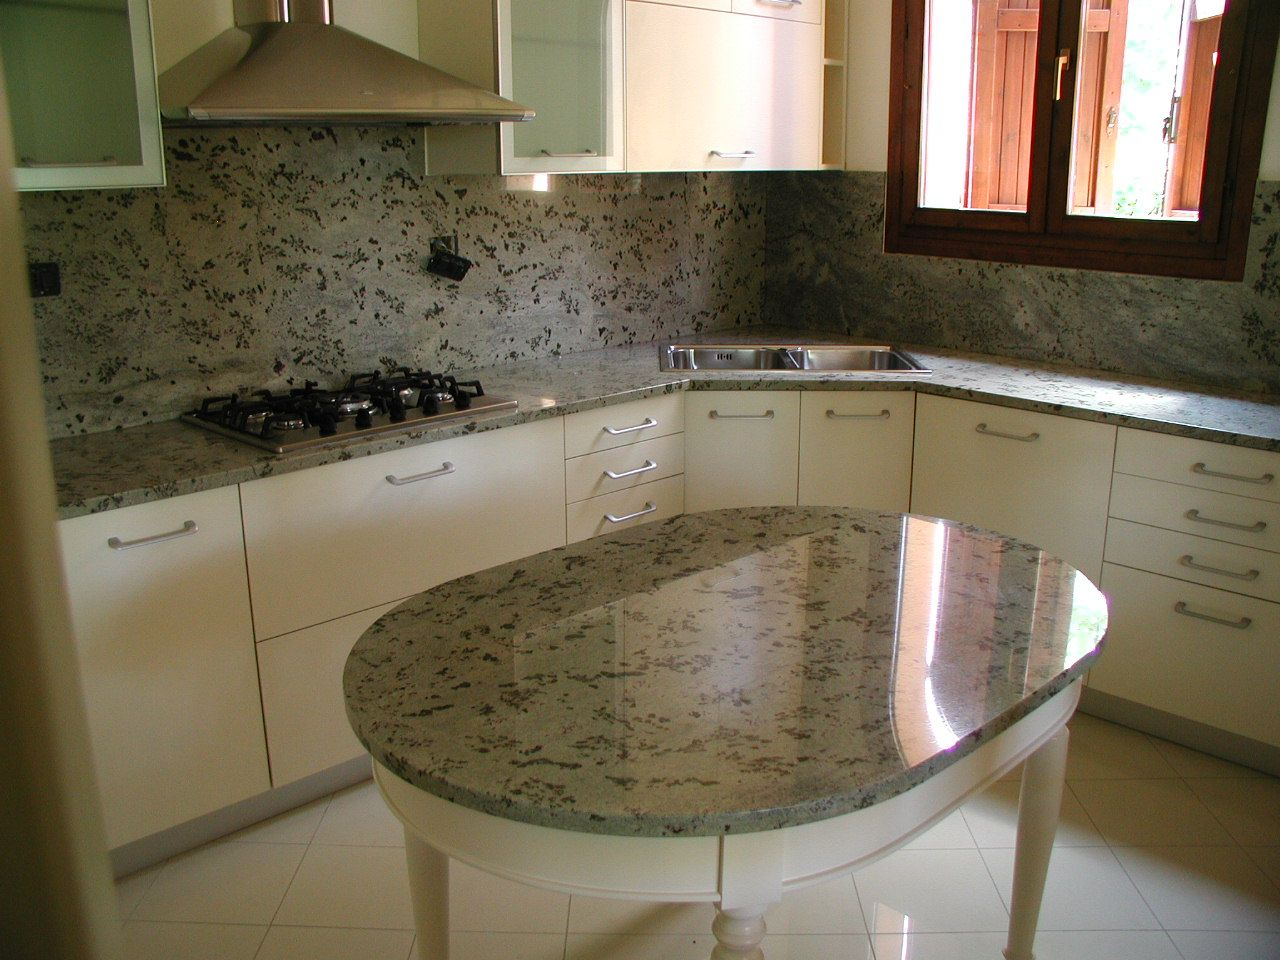 Piani cucina in granito kashmir white piani cucina e top in marmo quarzo graniti pinterest - Top cucina in granito ...